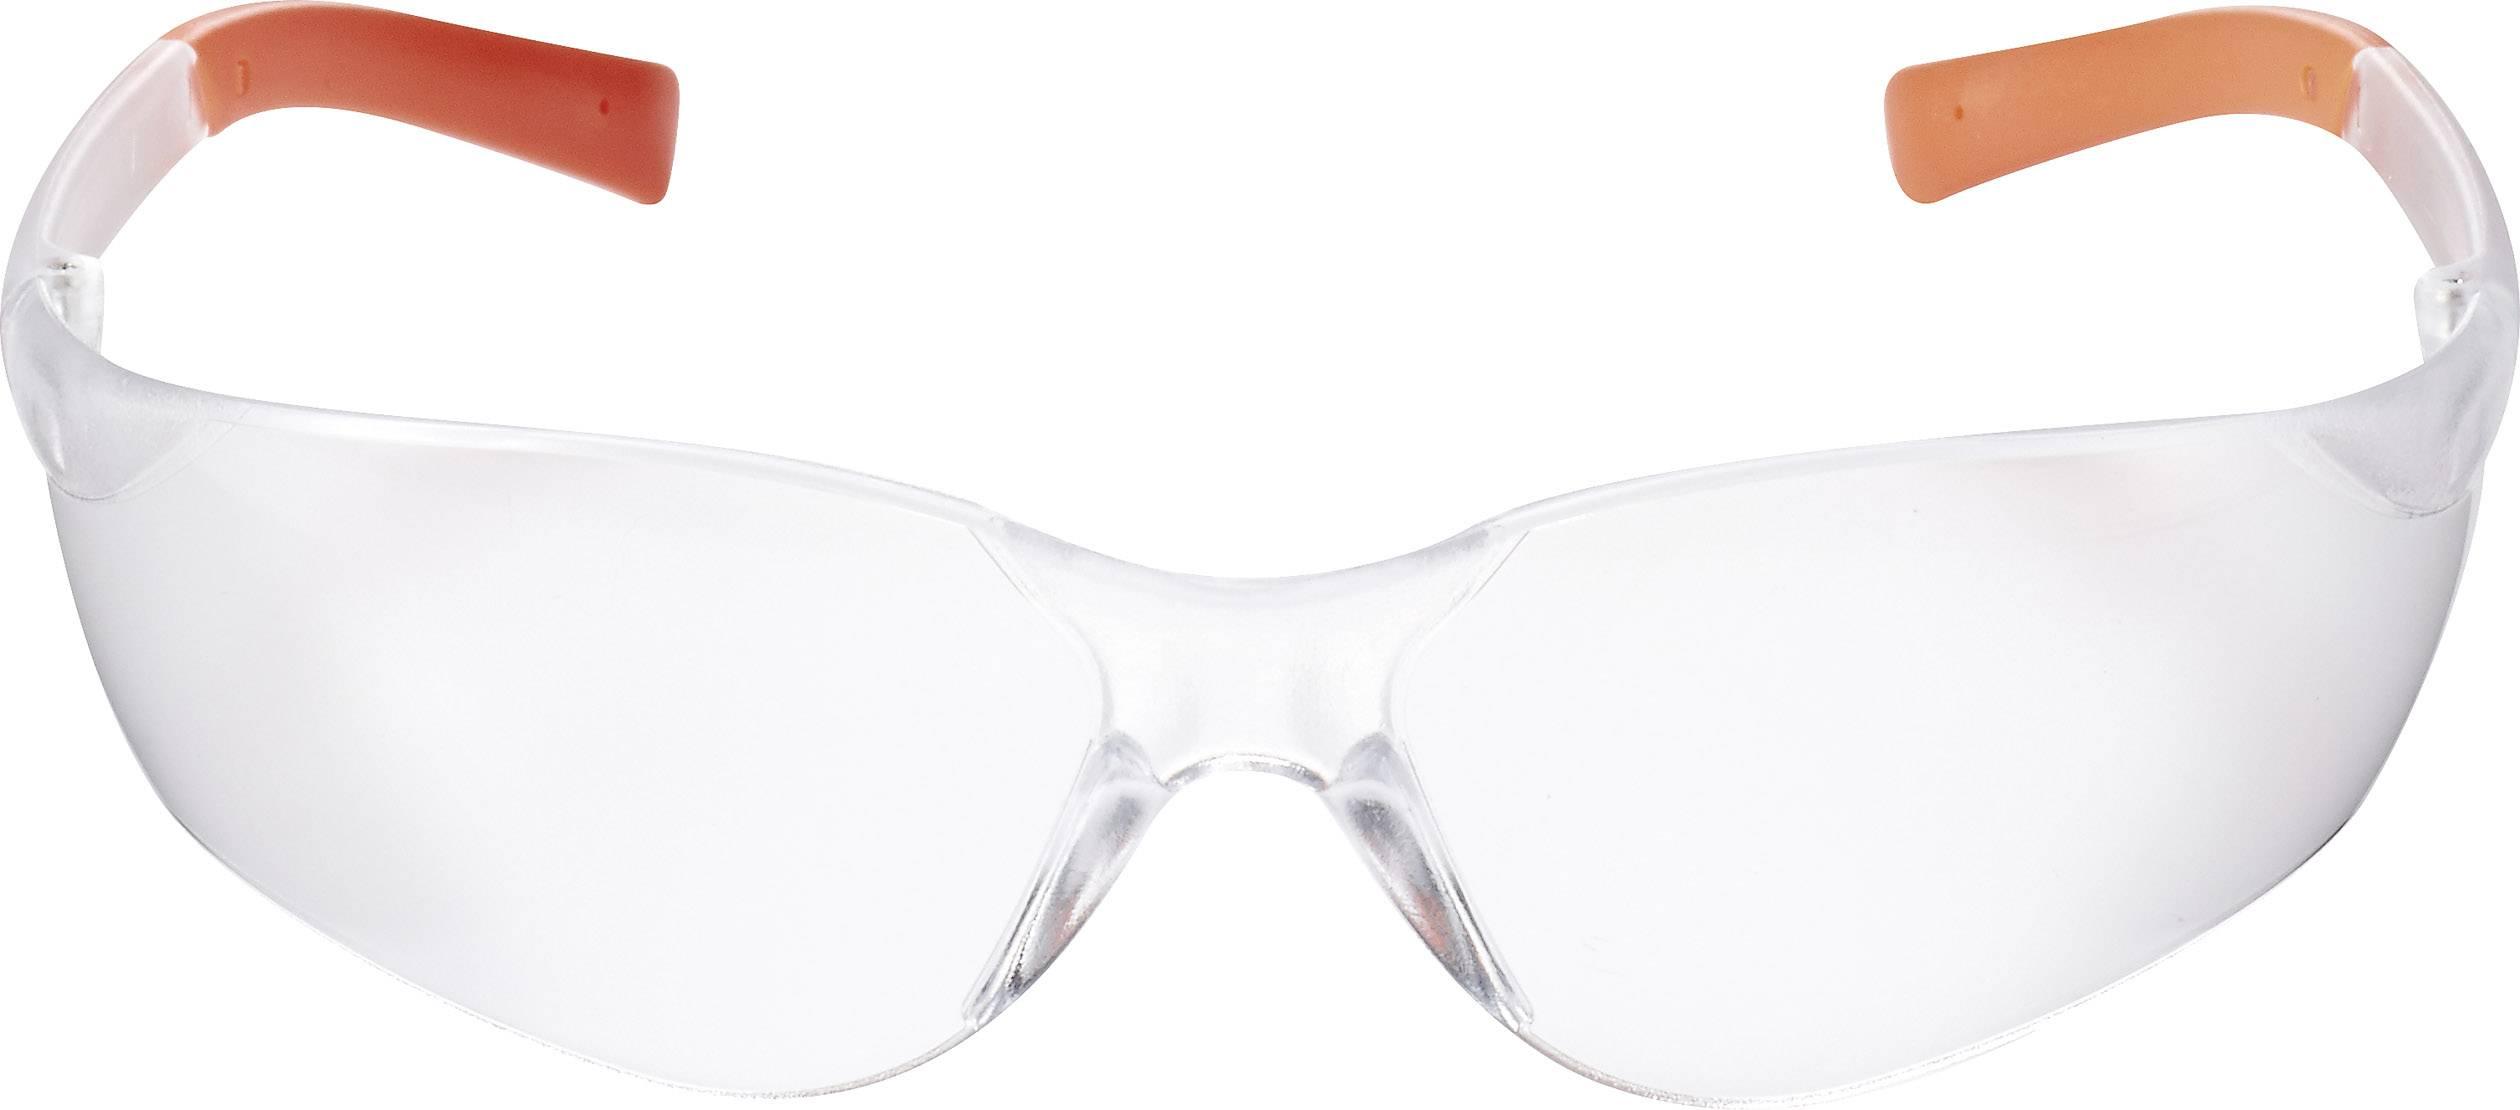 Ochranné brýle Toolcraft, čiré, oranžové TOOLCRAFT TO-5343213